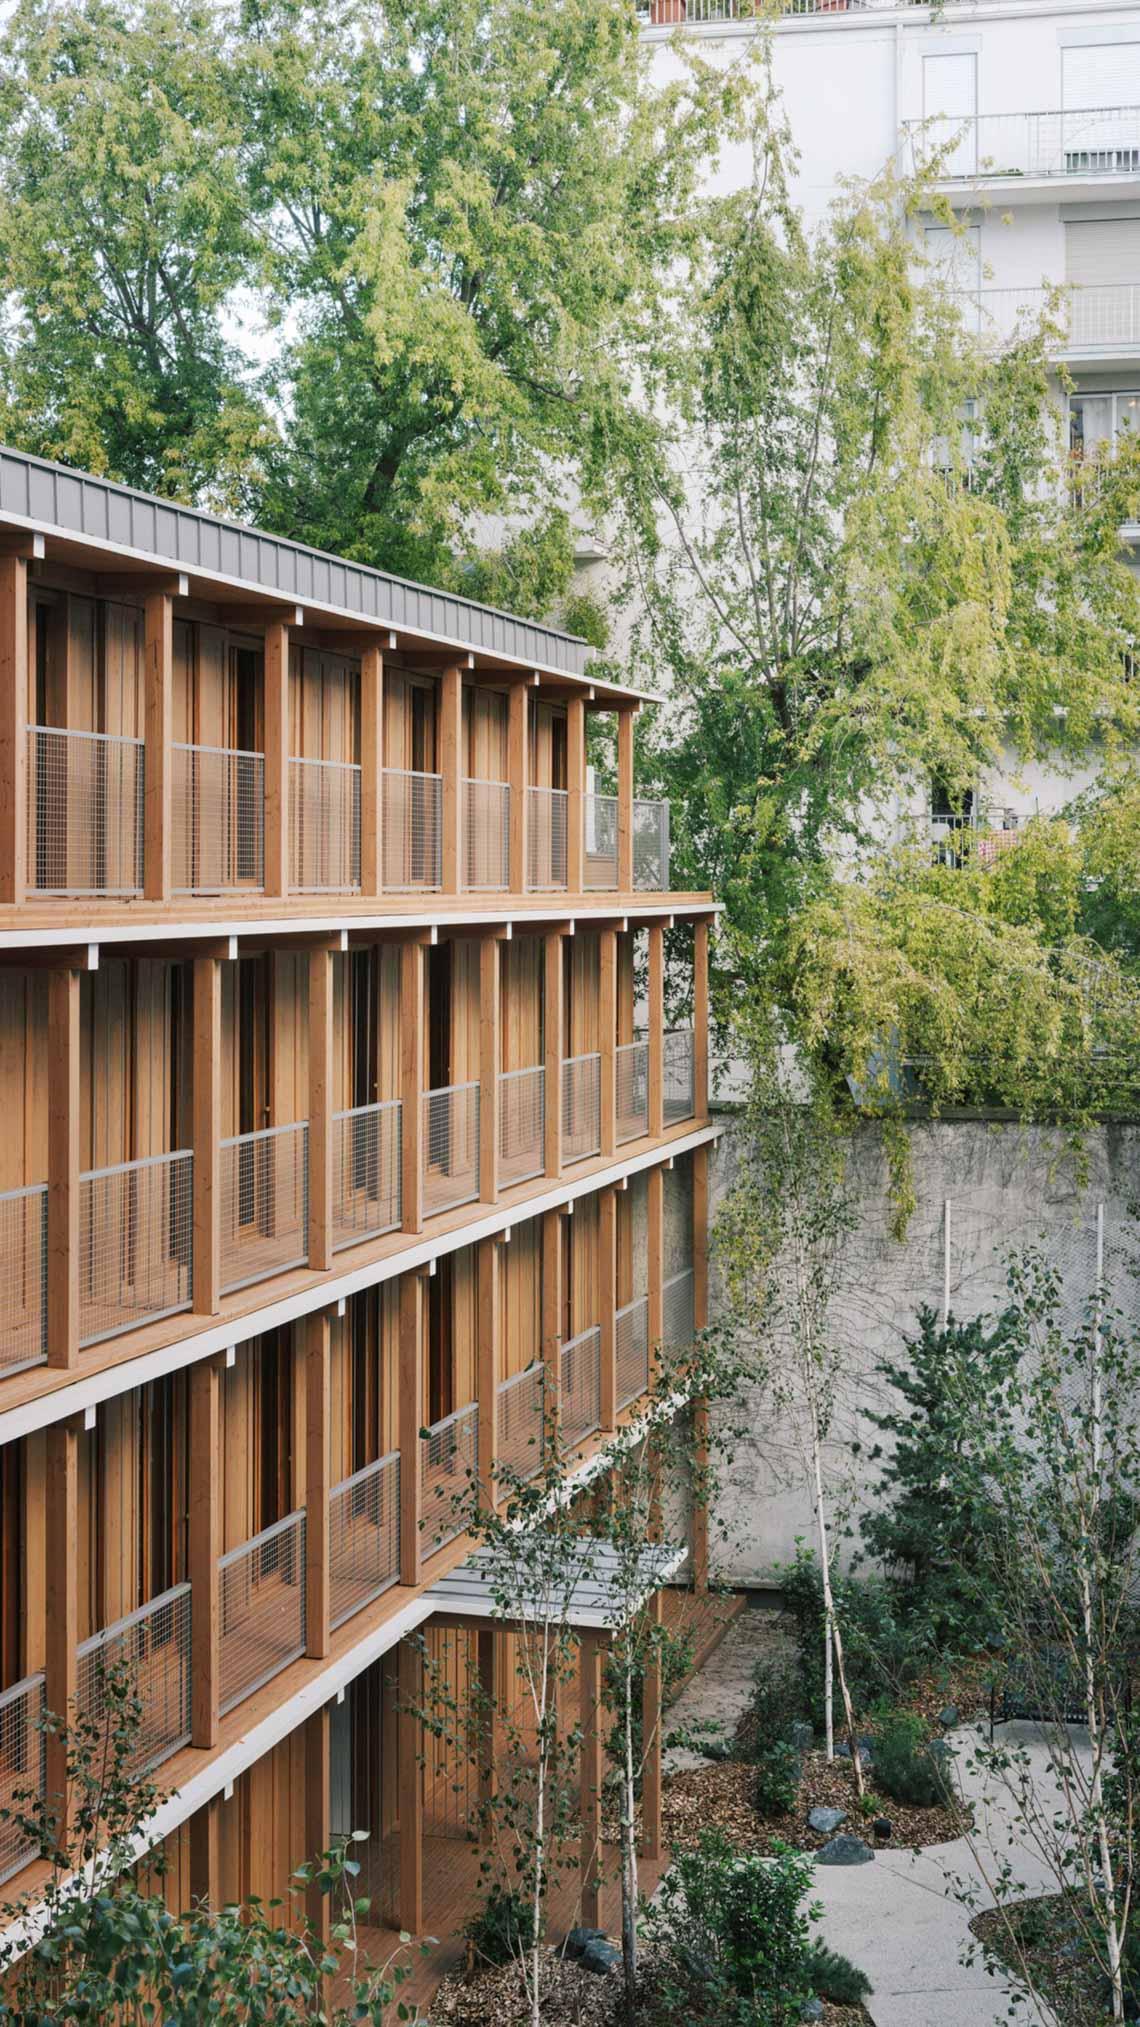 Tòa nhà căn hộ bằng gỗ với thiết kế mang phong cách Nhật Bản - 6